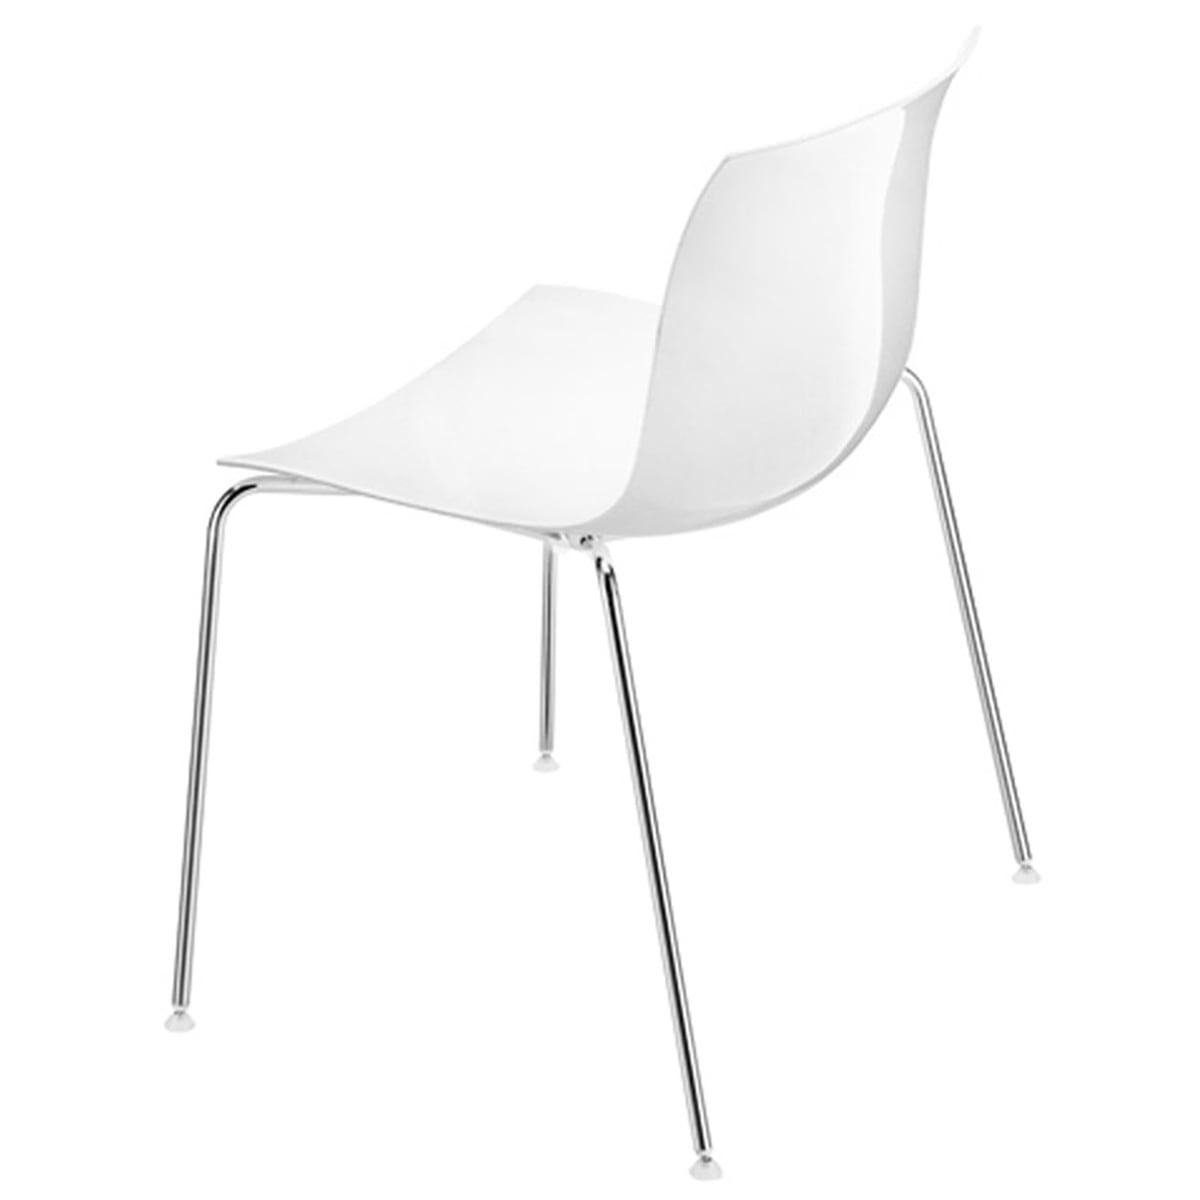 der catifa 53 stuhl vierfu gestell von arper. Black Bedroom Furniture Sets. Home Design Ideas